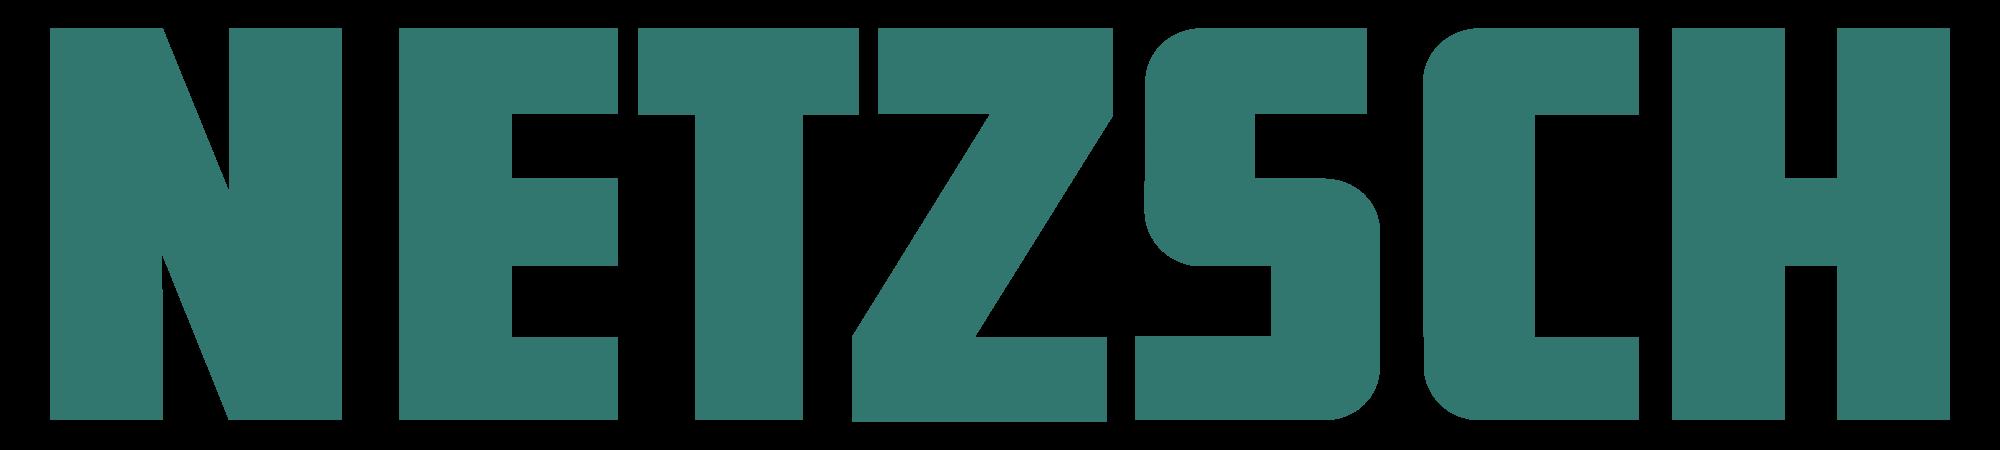 Netzsch Pumps & Systems UK Ltd